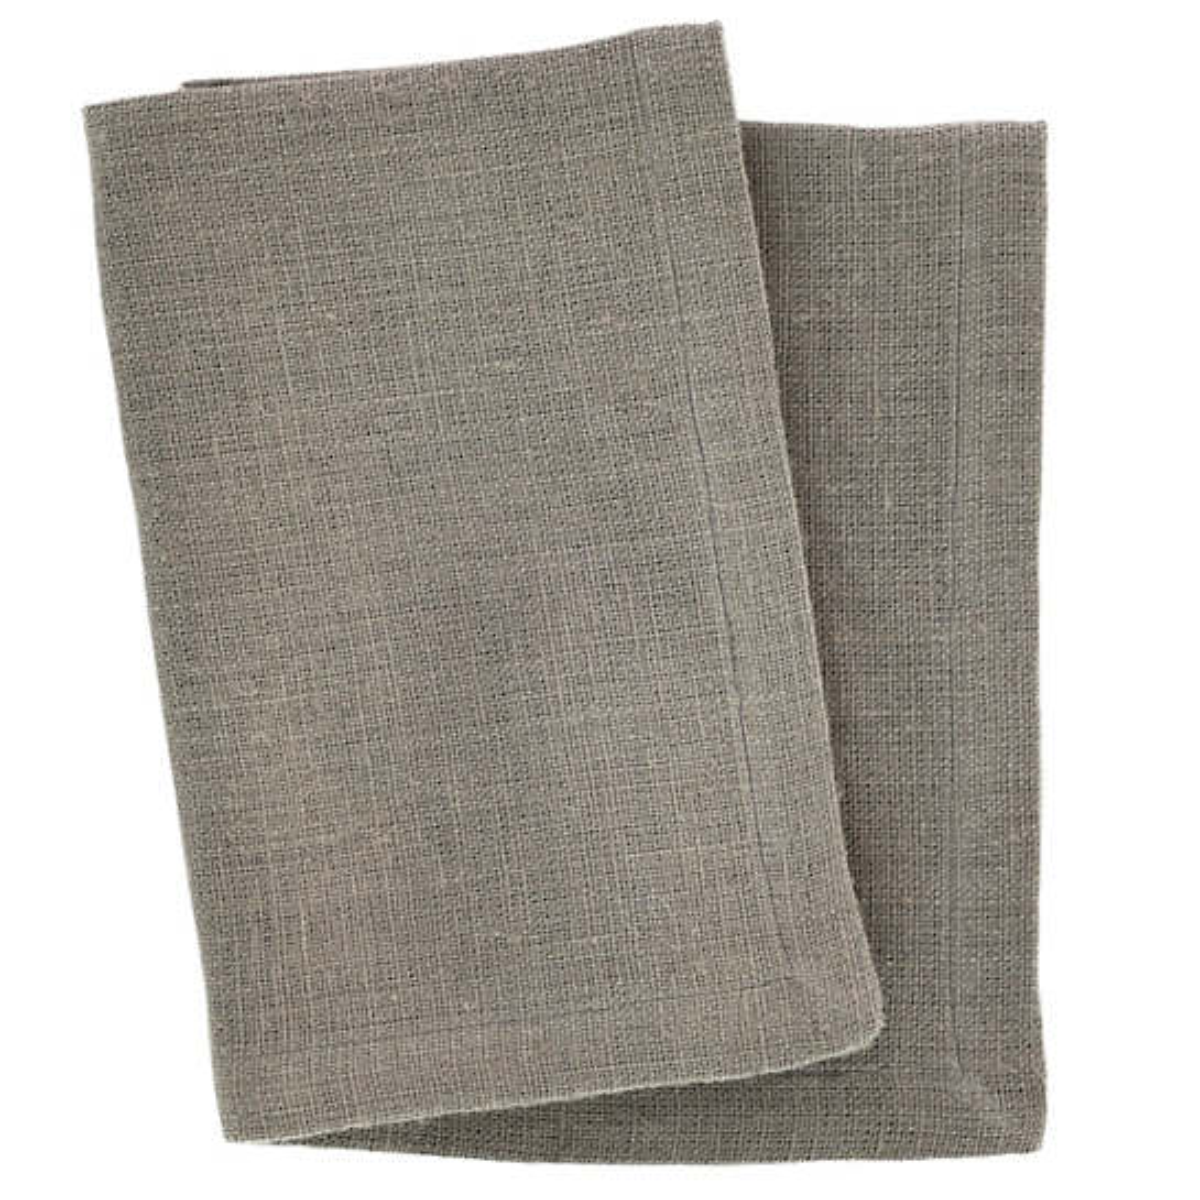 Stone Washed Linen Shale Napkin Set